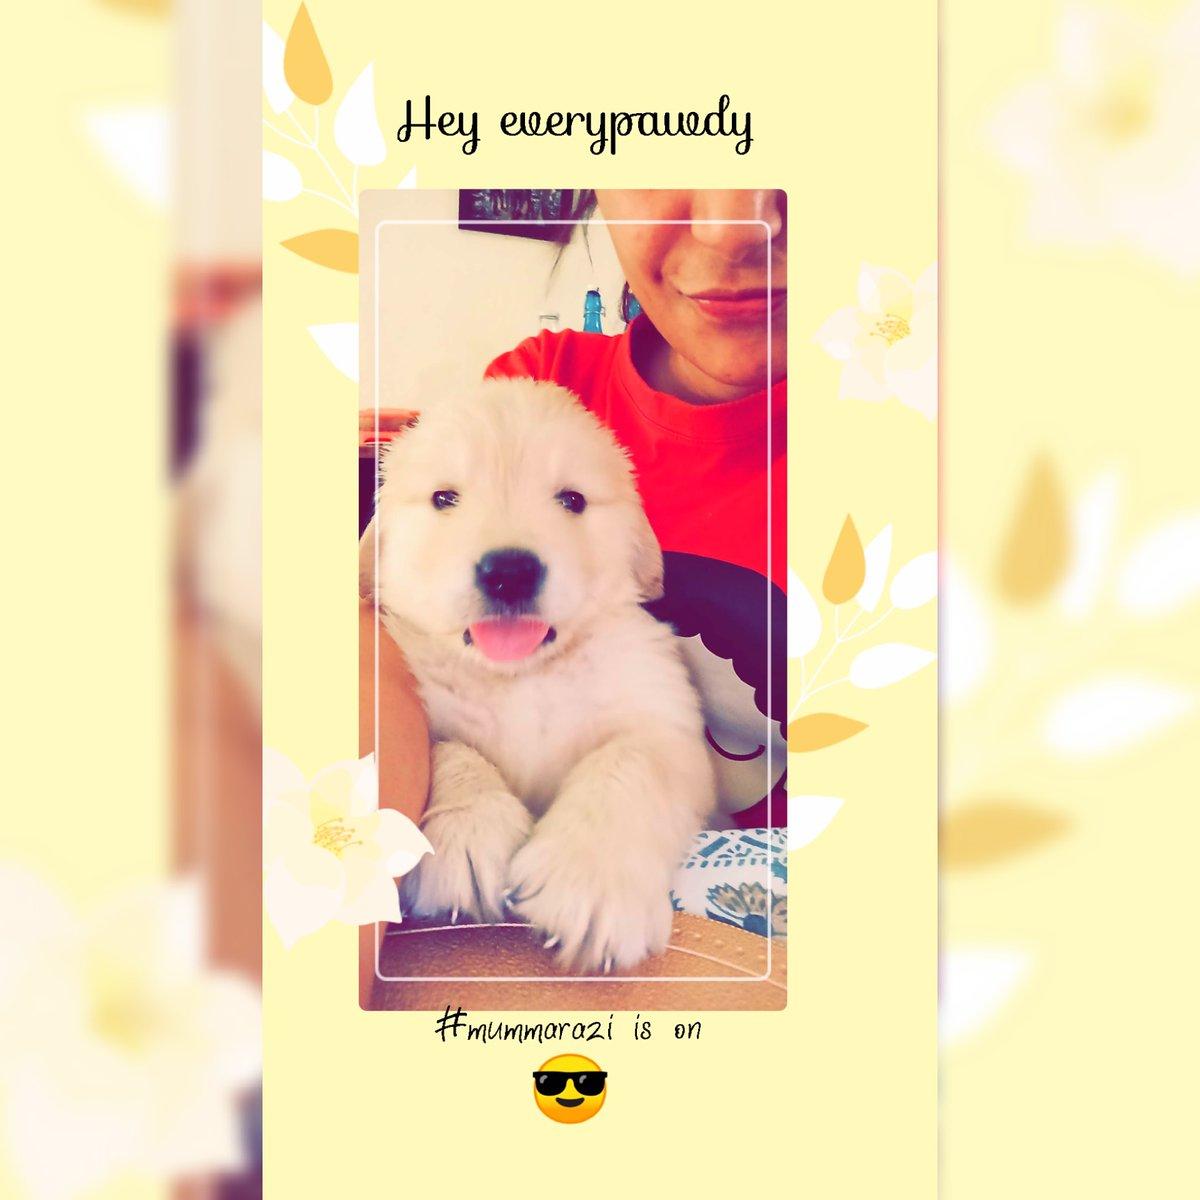 https://instagram.com/babysimba000?igshid=ttvm9i8uim1y… #goldenretriever #ArmyBra #QuarantineLife #puppylove #playtime #woofwoof #dogsofinstagram #SimbaaBaby #Dogsotwitter #puppylove #puppylife #dogoftheday  #ilovemydog #barkingdivas #doglove #dogsitting #dogsmile #pawsitivevibes #goldenretrieverpuppyspic.twitter.com/t2LMquiBlN